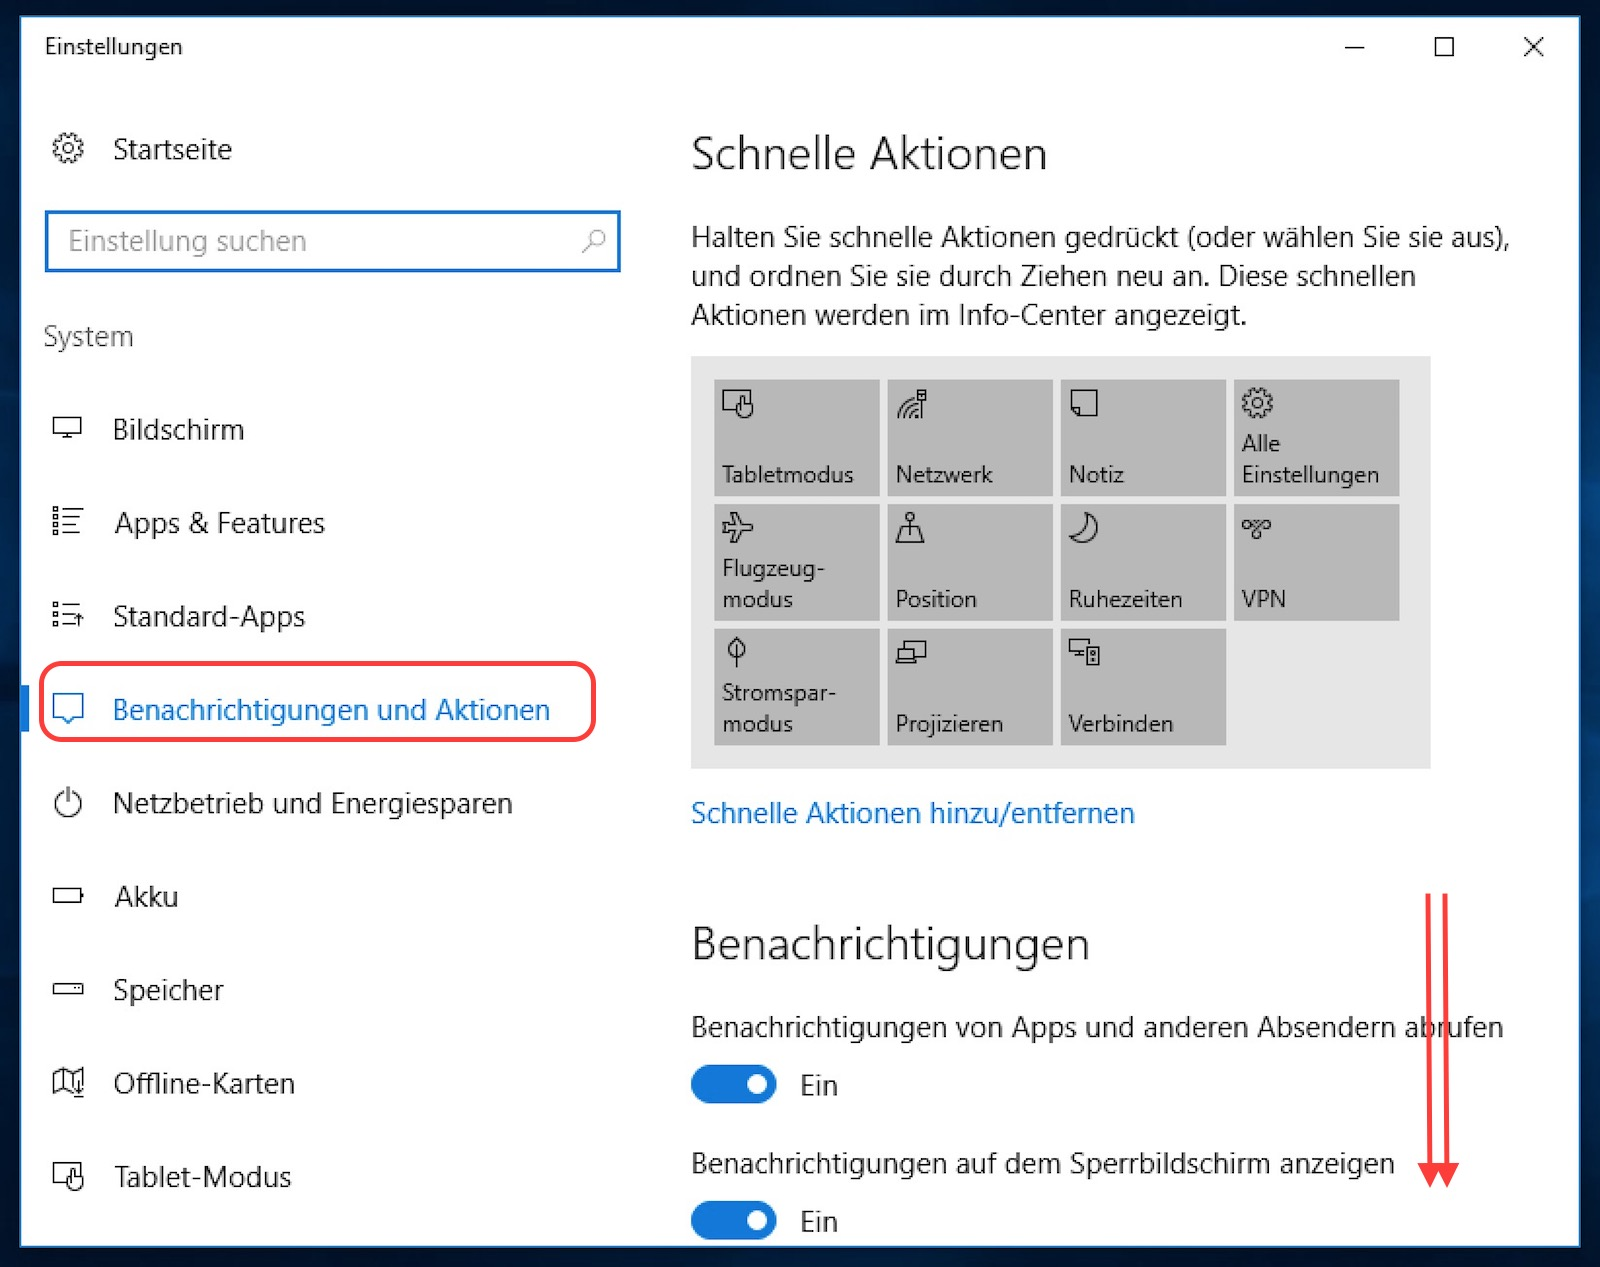 Windows 10 Benachrichtigungen und Aktionen